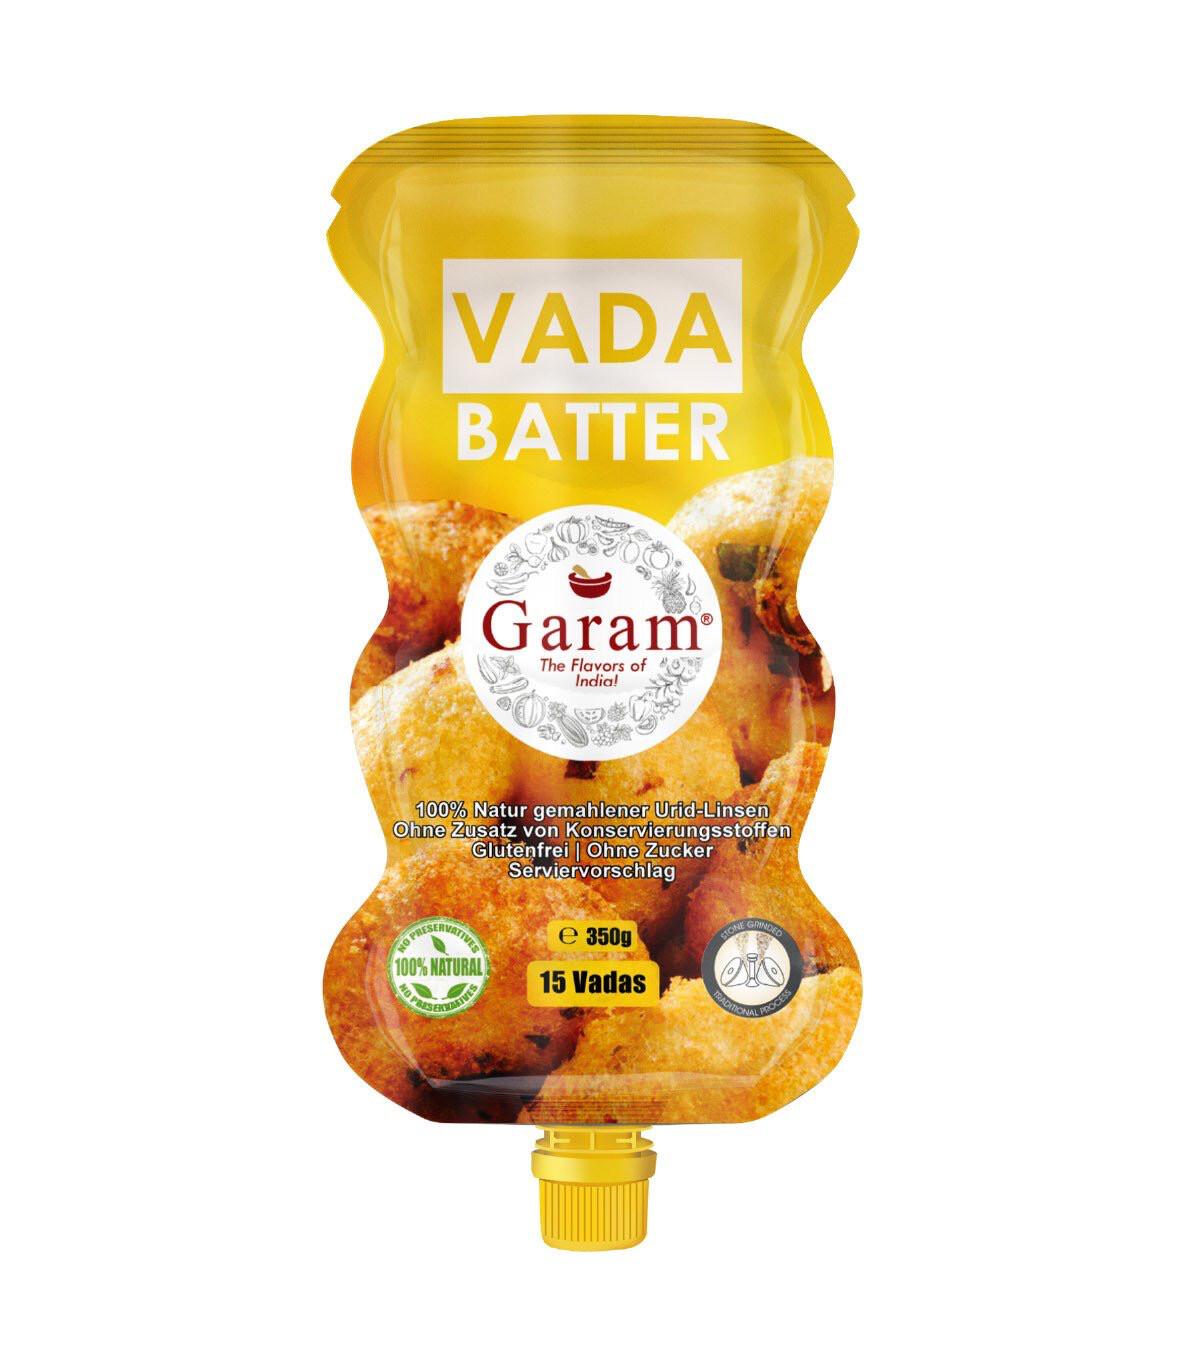 GARAM VADA BATTER 350GM (Delivery in BRUSSELS, GENT, MECHELEN & ANTWERPEN ONLY!)